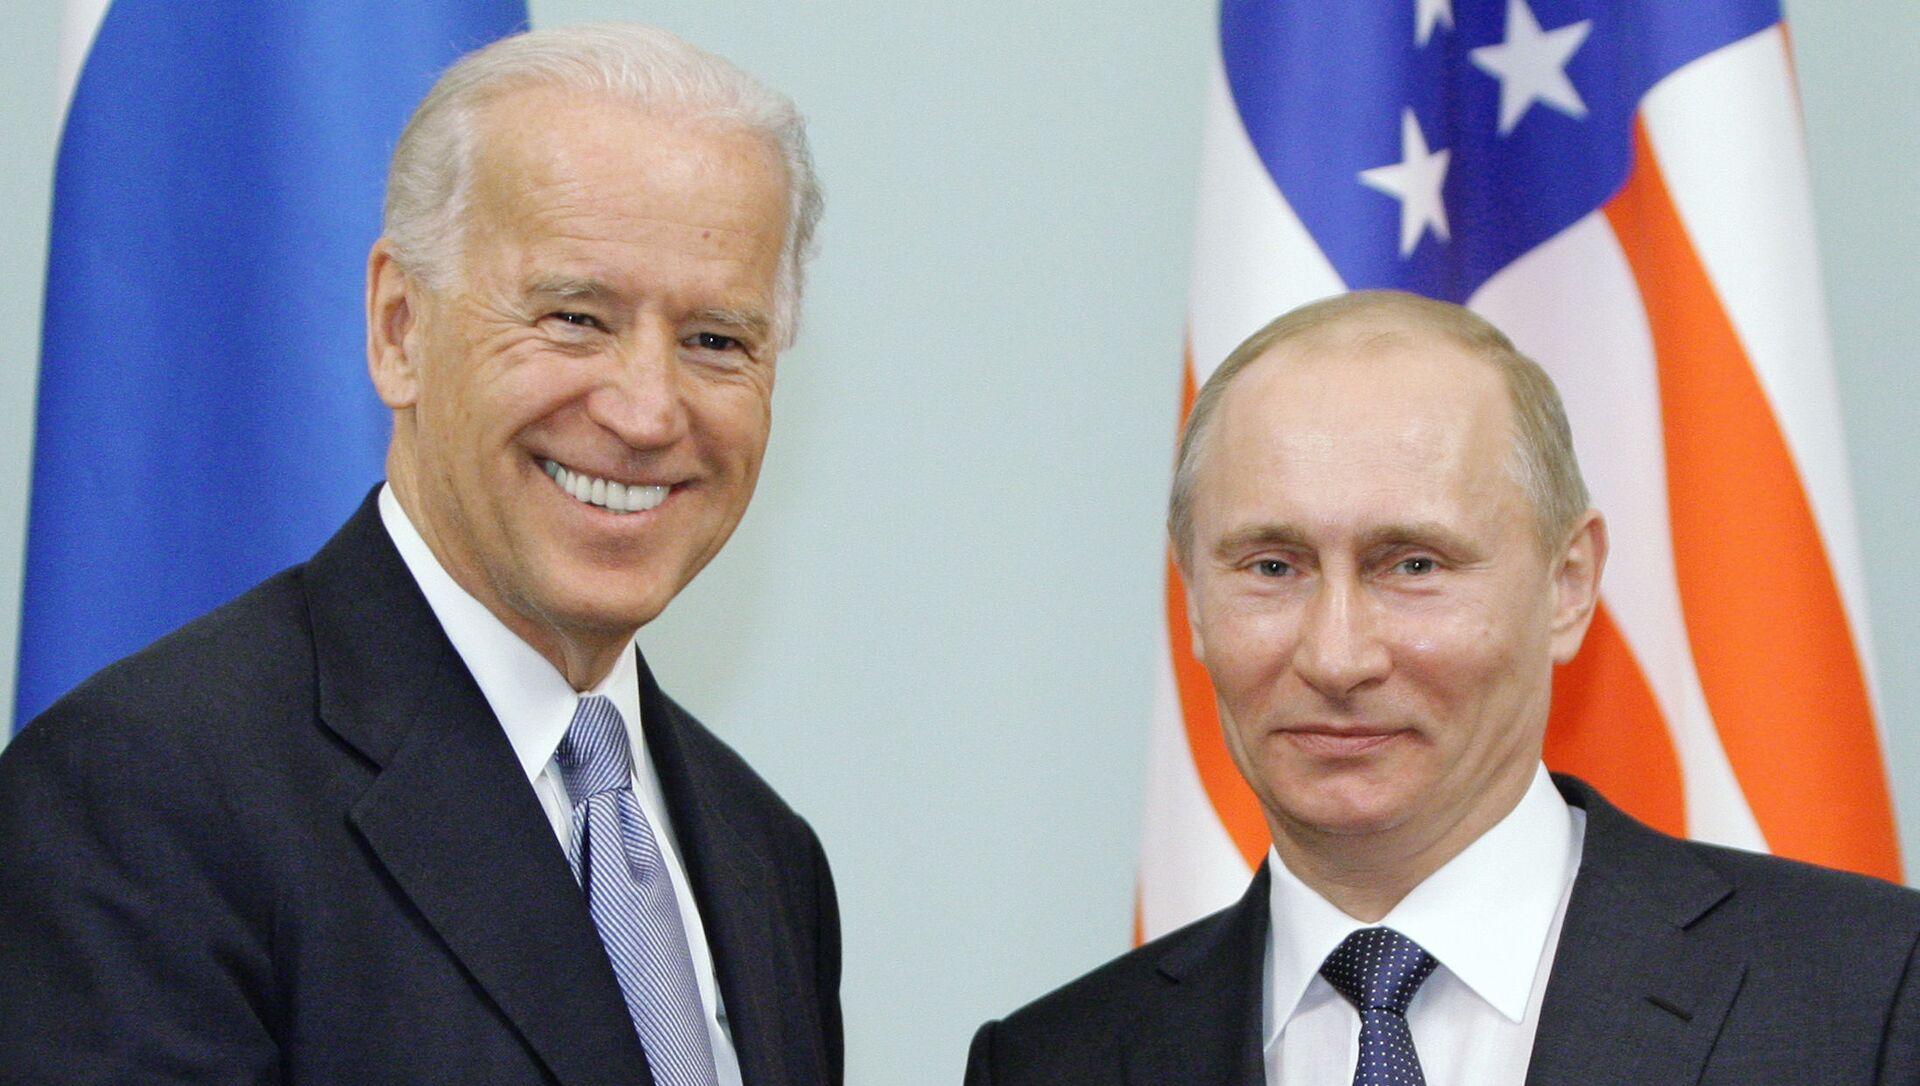 Trong bức ảnh hồ sơ ngày 10 tháng 3 năm 2011, Phó Tổng thống khi đó là Joe Biden, rời đi, bắt tay Thủ tướng Nga Vladimir Putin tại Moscow, Nga. - Sputnik Việt Nam, 1920, 14.06.2021